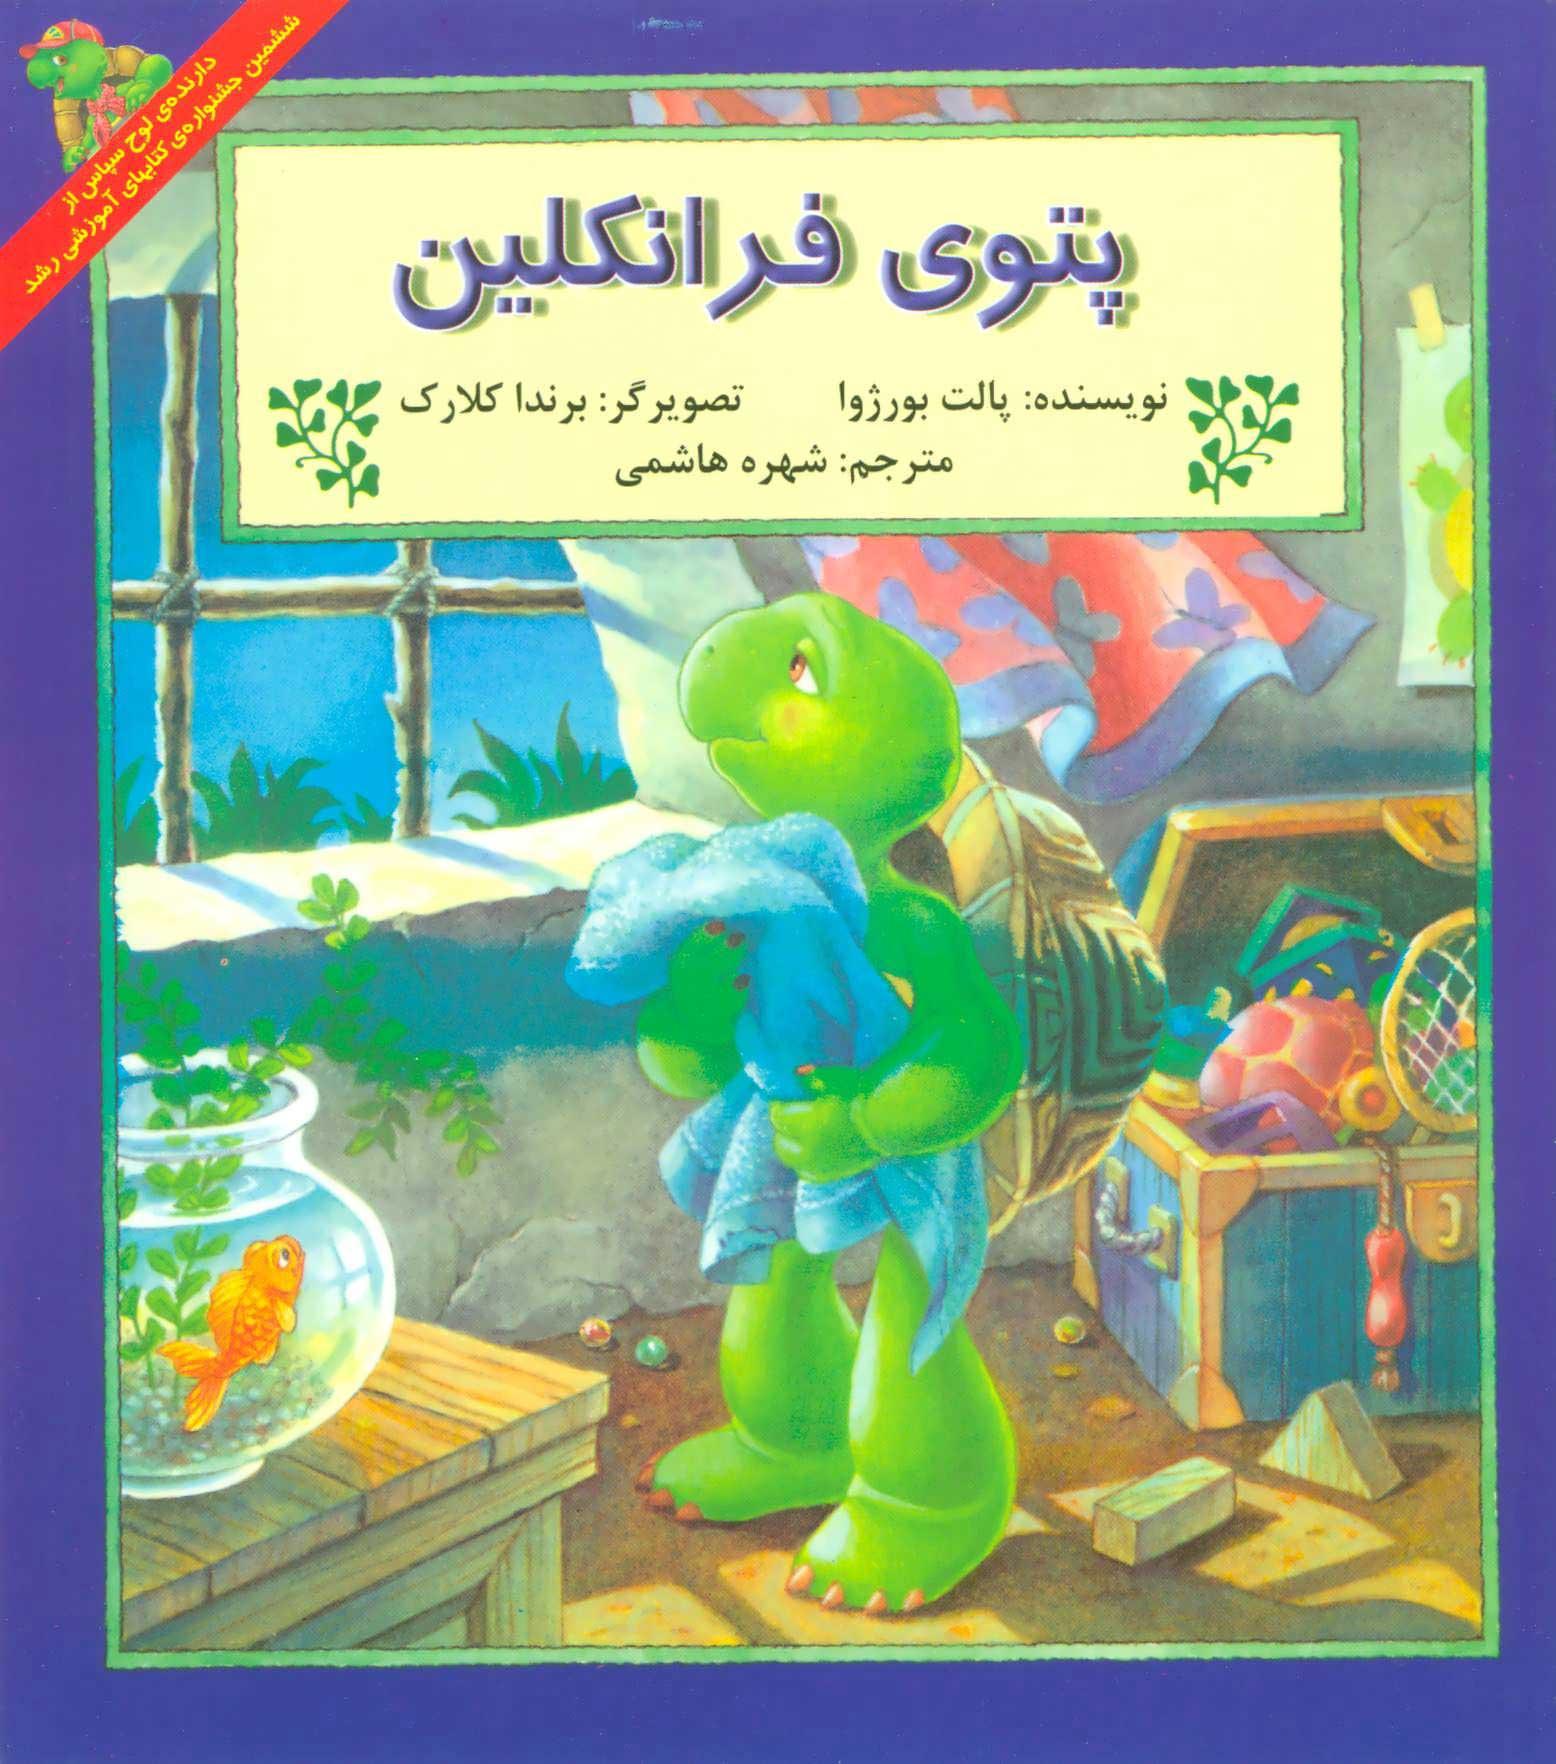 کتاب پتوی فرانکلین